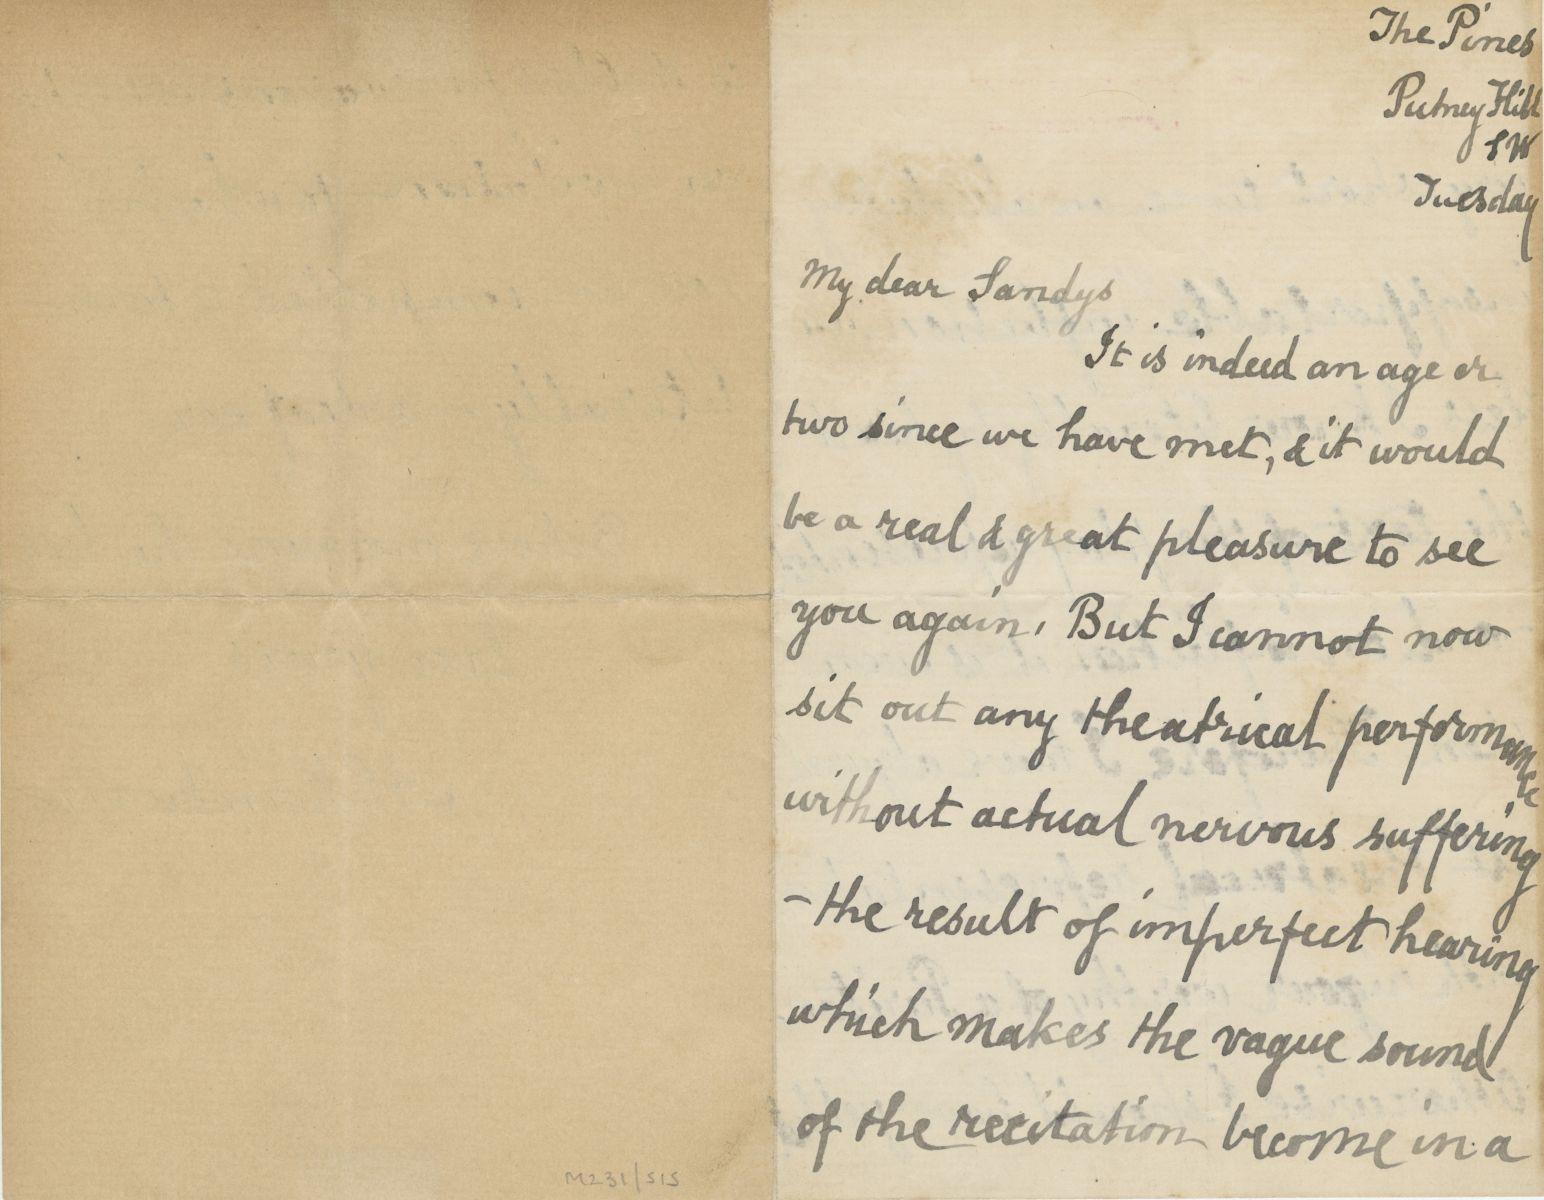 Letter in Swinburne's handwriting